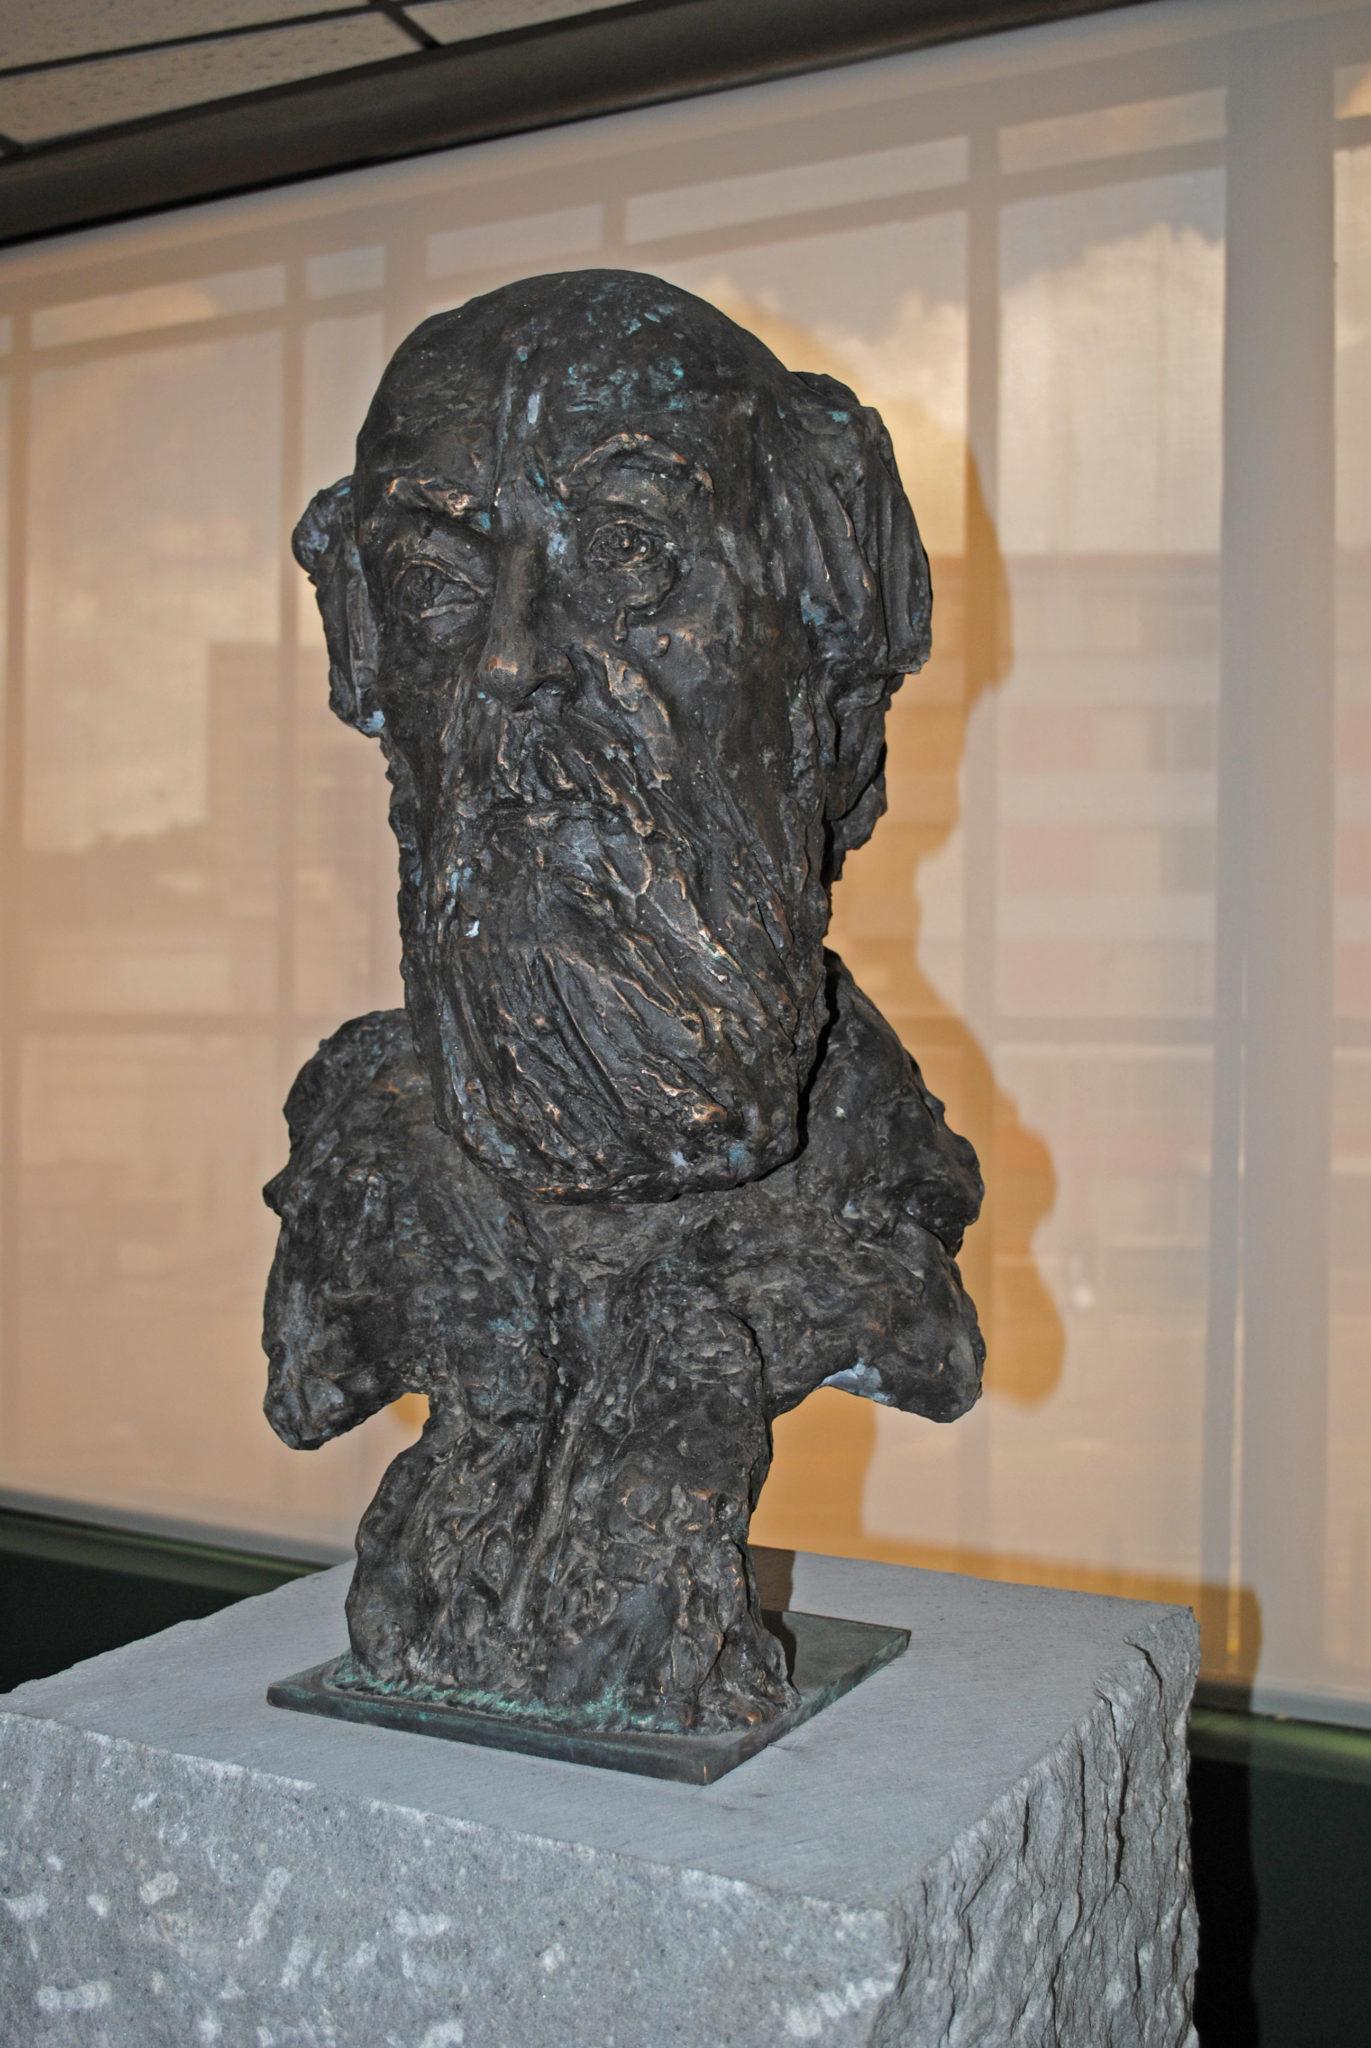 А.Солженицын, высота 260 см, бронза, гранит, 2012 год, Кито, Эквадор A. Solzhenitsyn, height 260 cm, bronze, granite, 2012, Quito, Ecuador